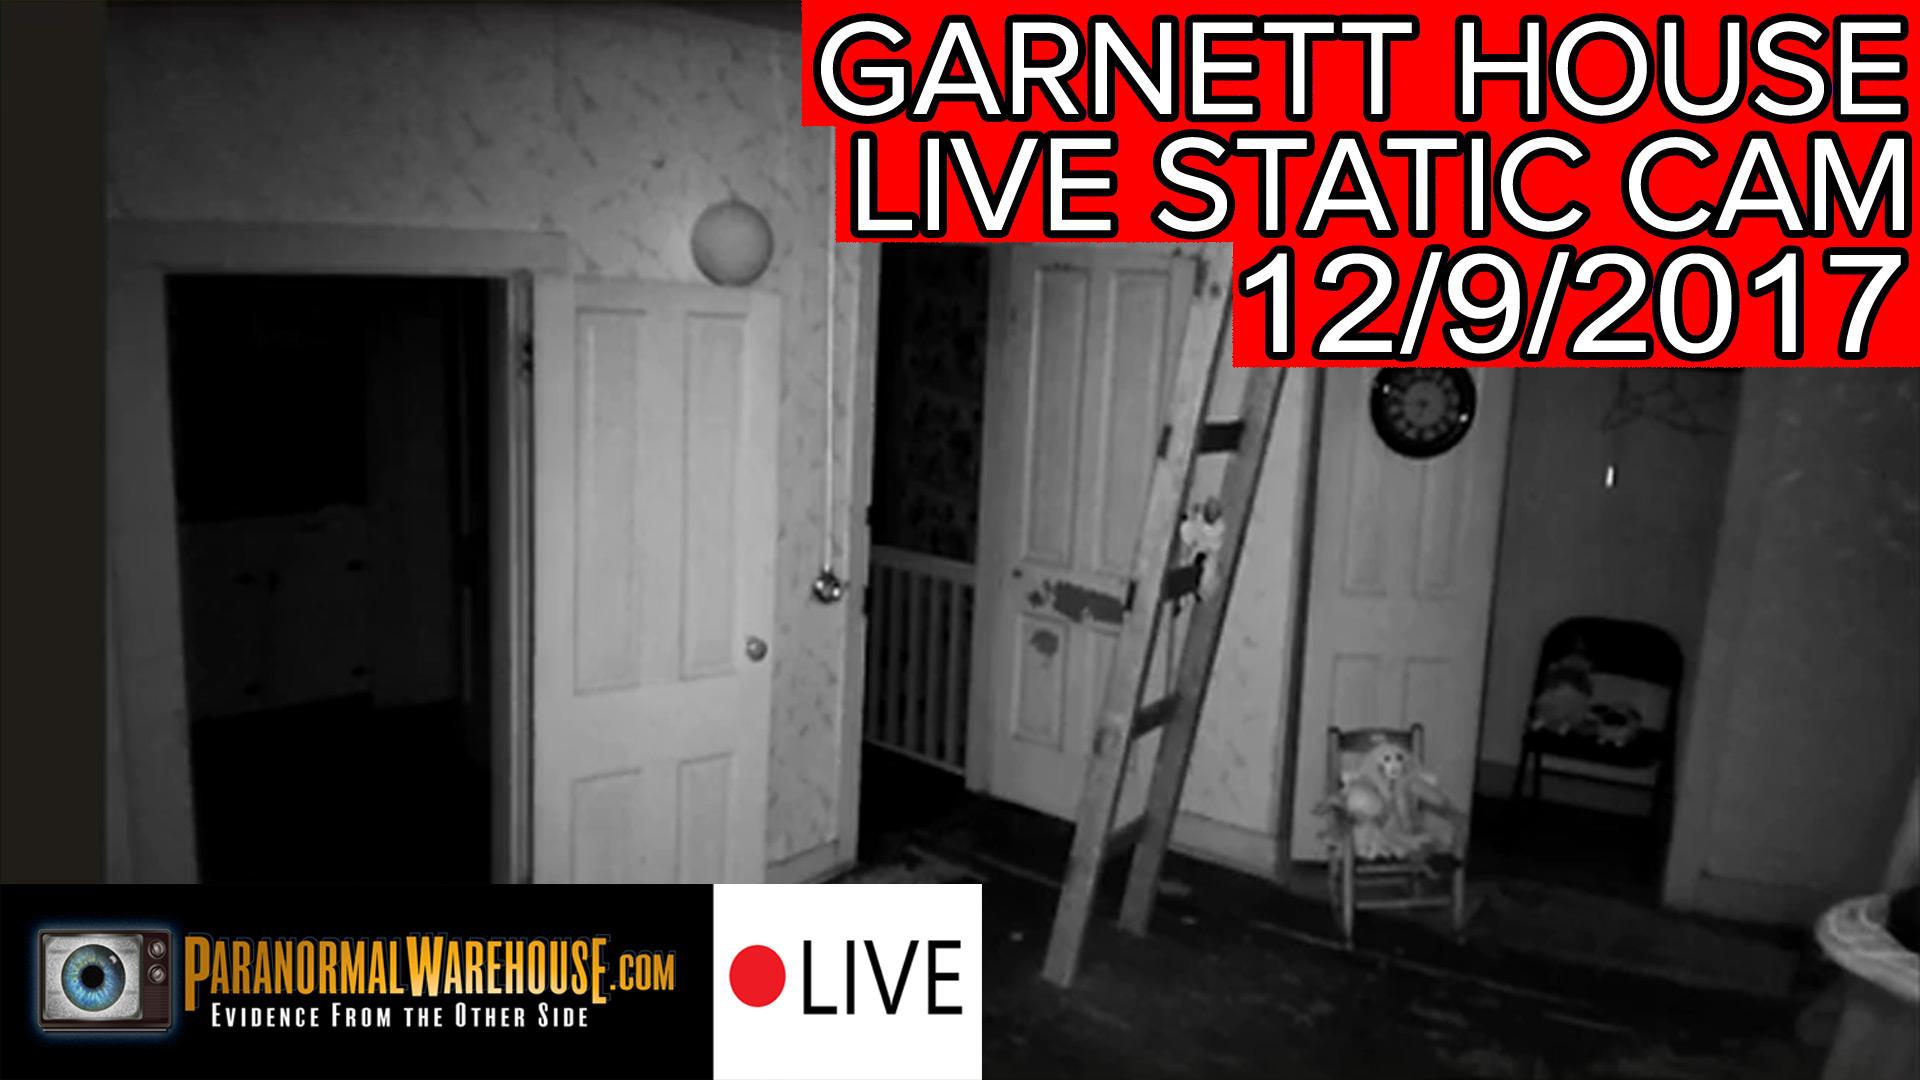 1858 Garnett House Hotel Livestream 12/9/17